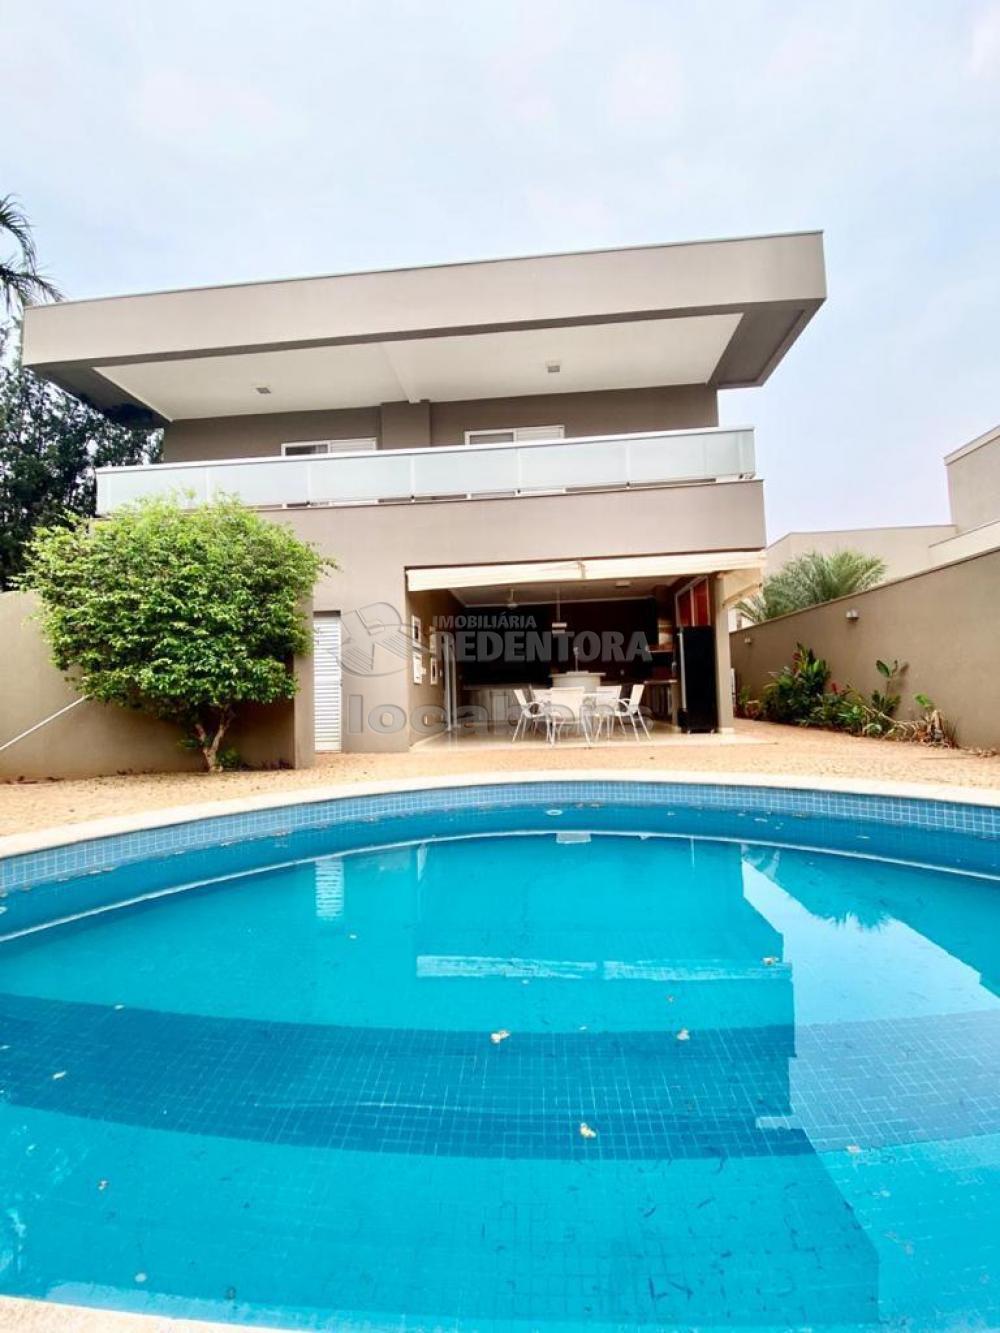 Comprar Casa / Condomínio em São José do Rio Preto R$ 1.750.000,00 - Foto 1